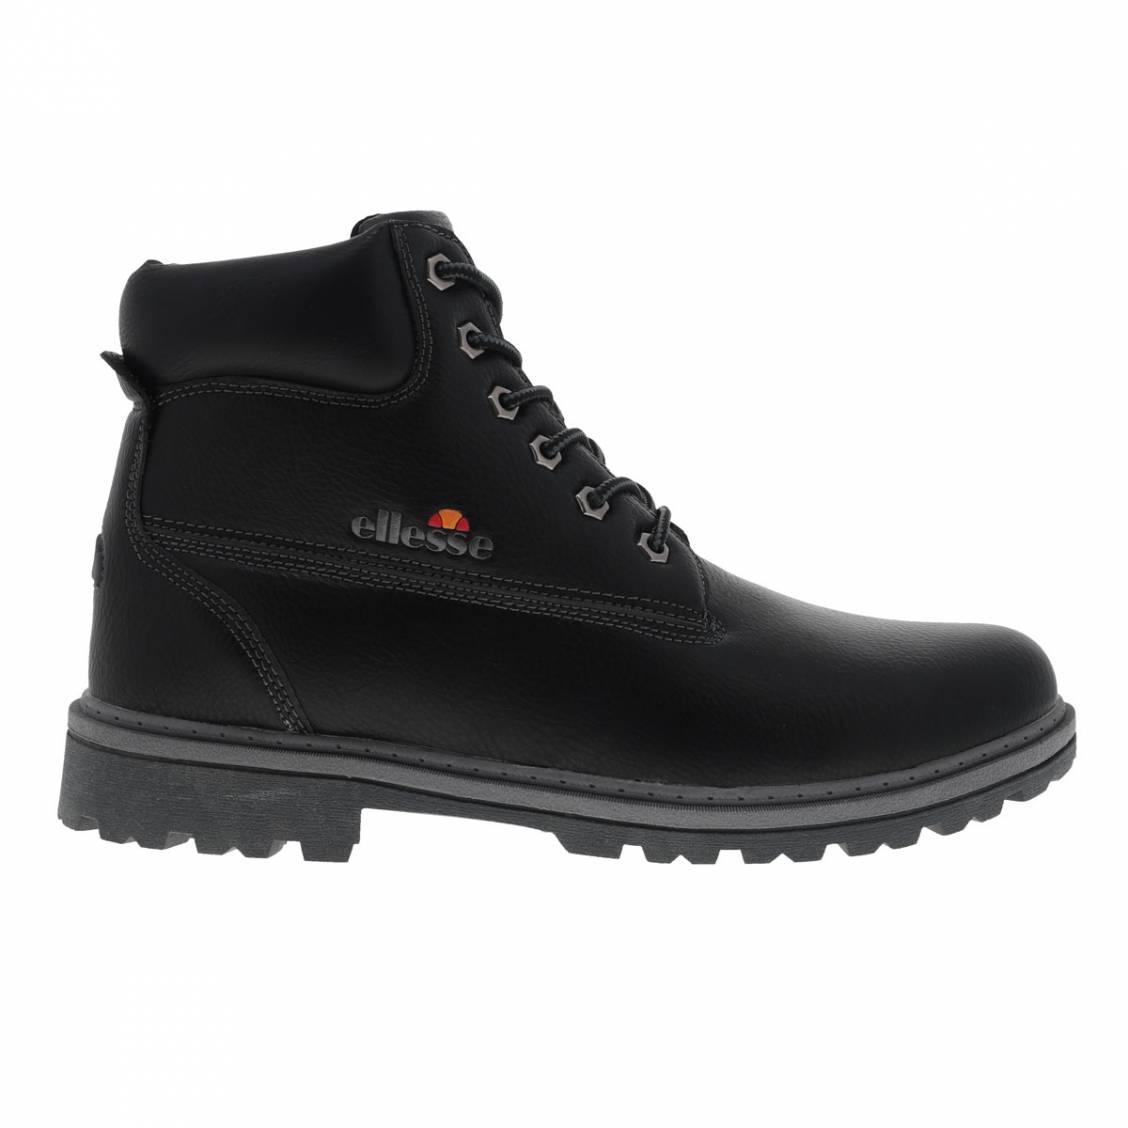 ad0333c6614 Boots hautes Ellesse Prime noires ...